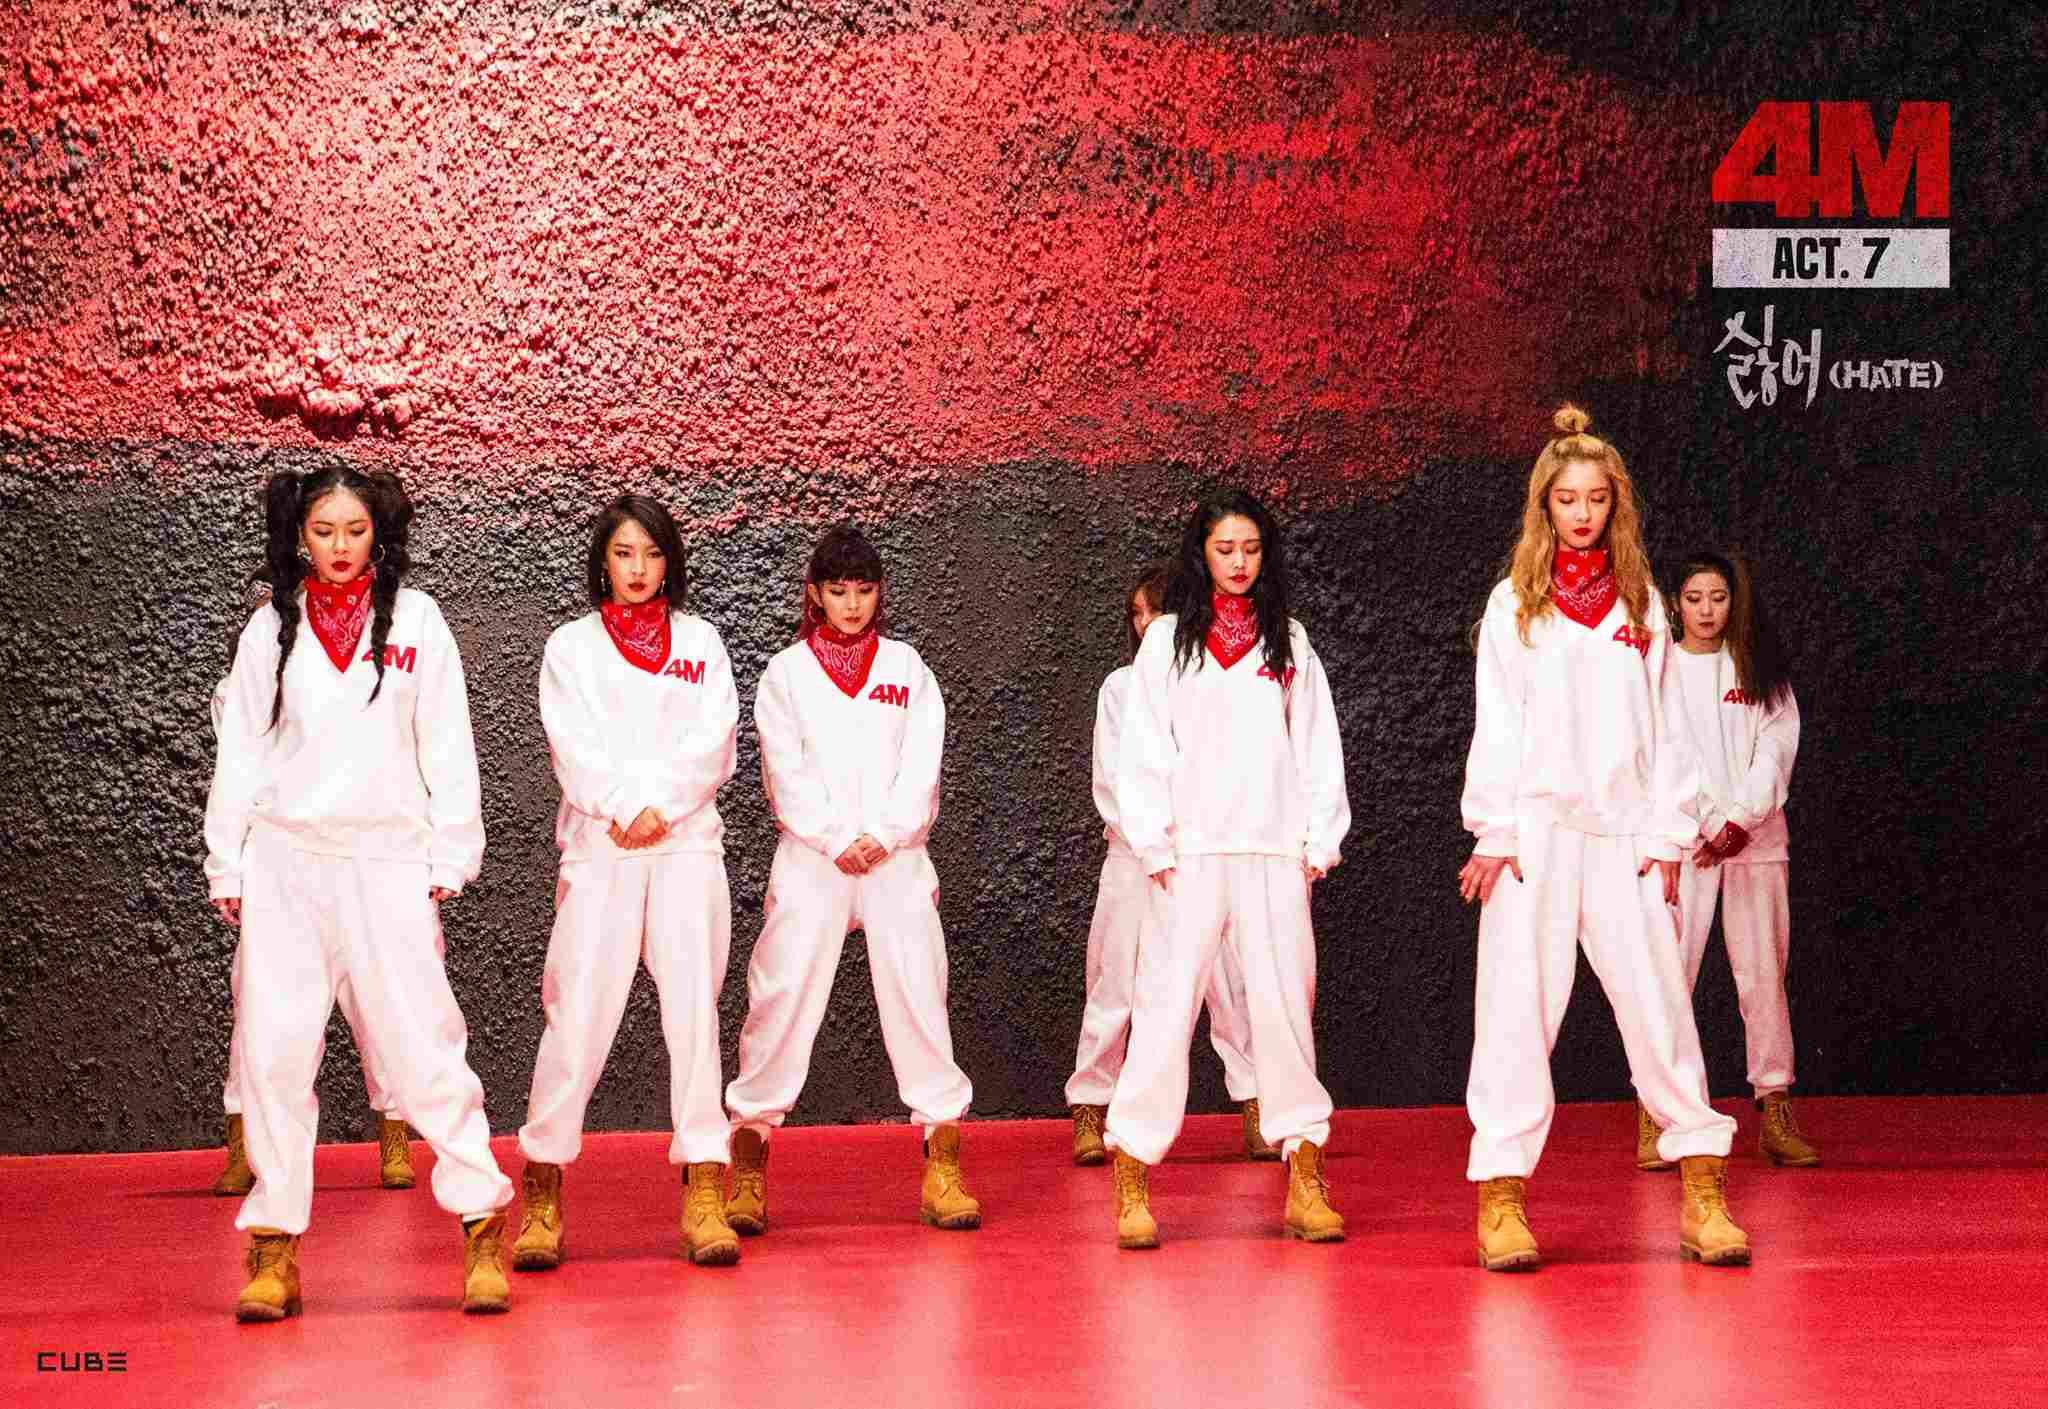 粉絲也擔心假如公司主捧全素妍的話,4minute事件有可能會再度重演,甚至有網友留言表示團體的名稱叫孩子們,在看完(G)I-DLE的表演舞蹈影後真的就是全素妍與孩子們...